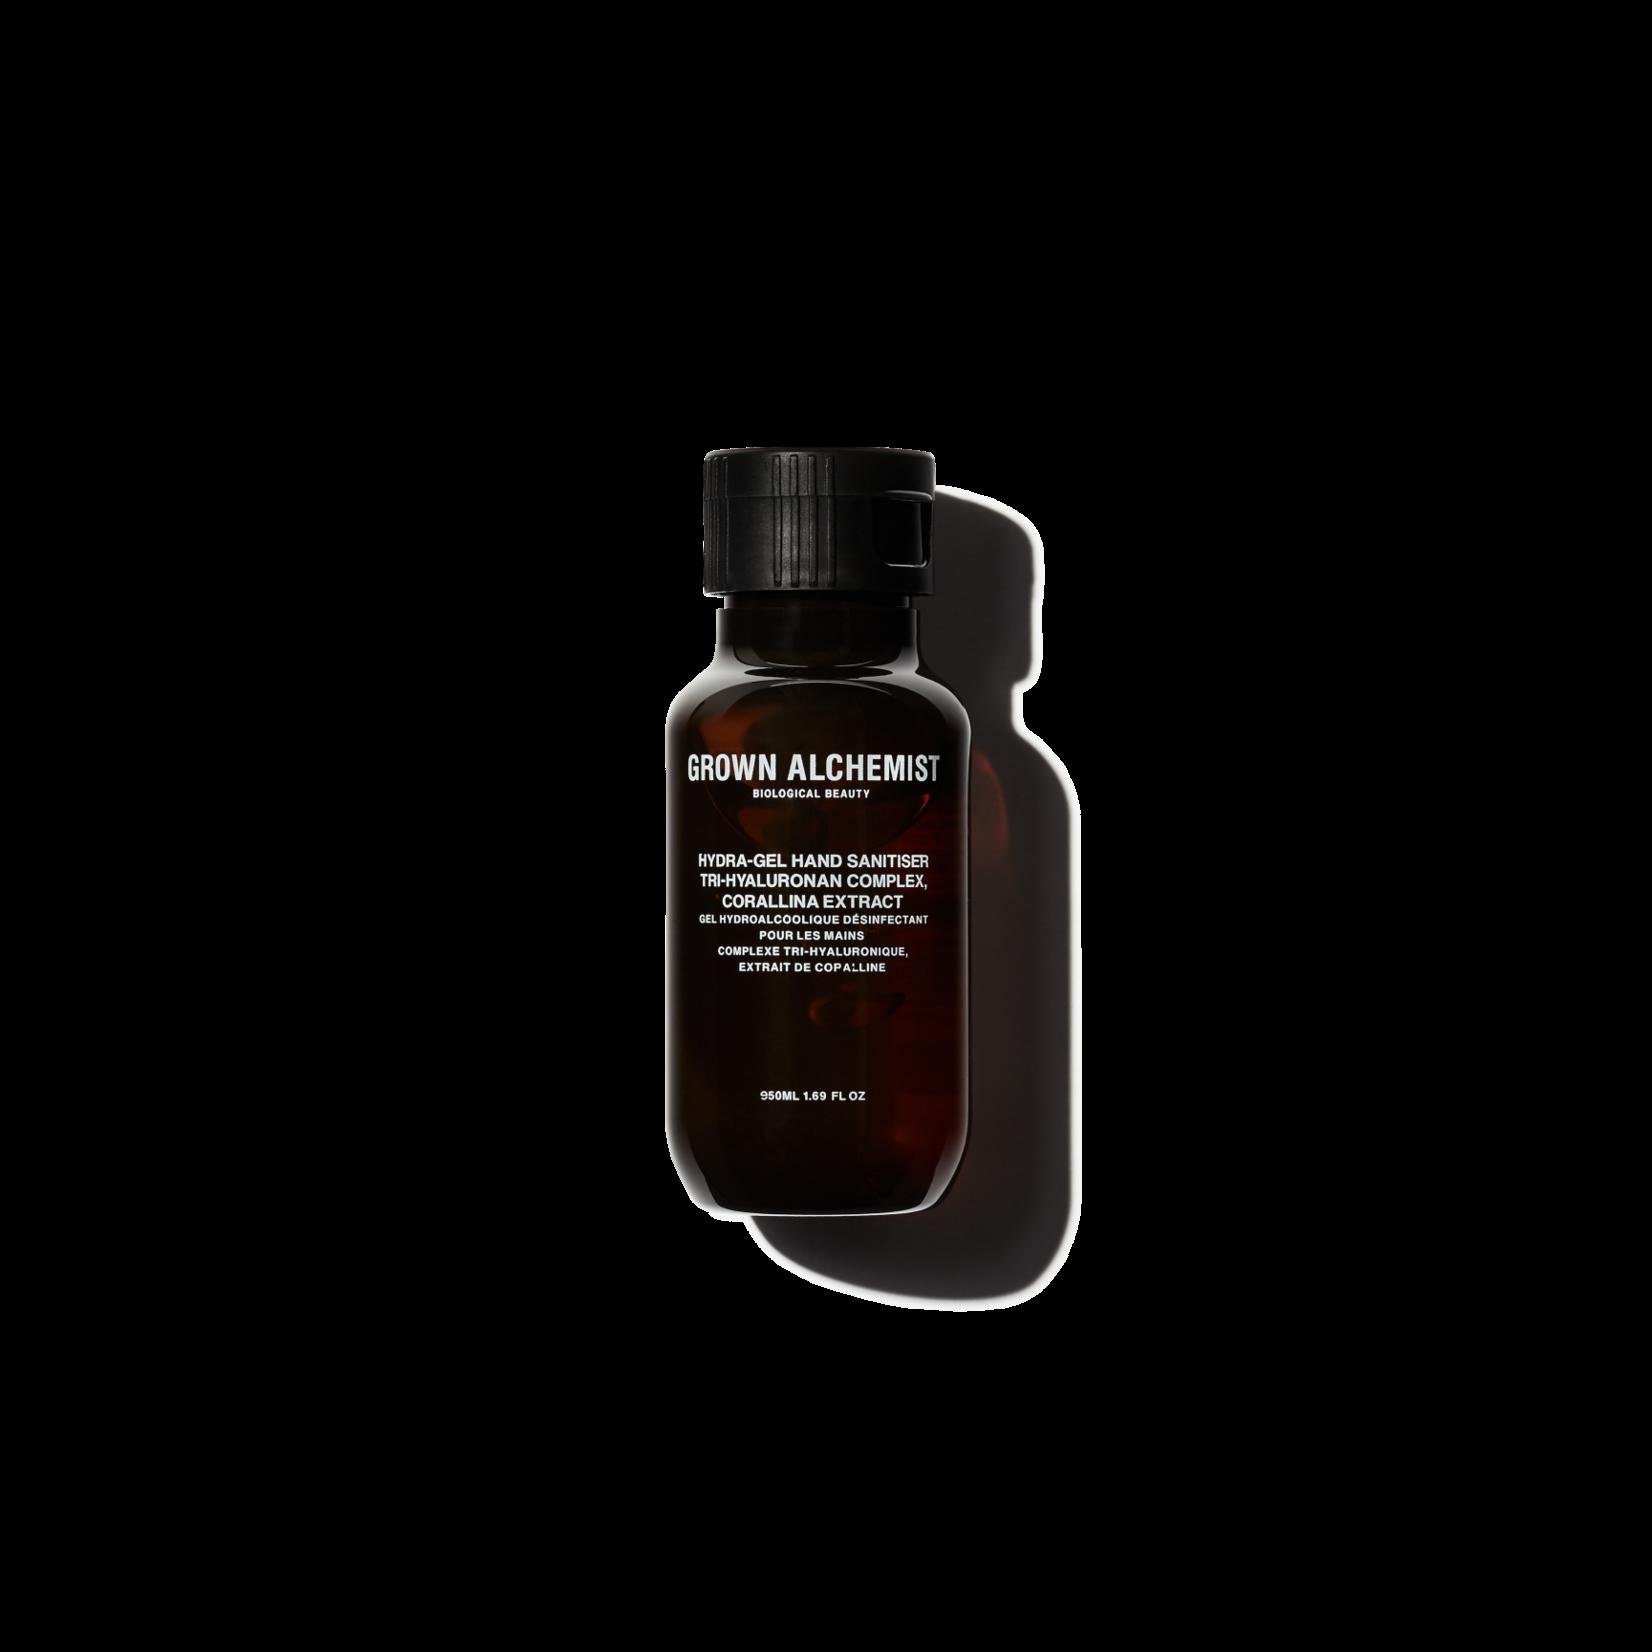 Grown Alchemist Grown Alchemist Hydra-Gel Hand Sanitiser - 50mL